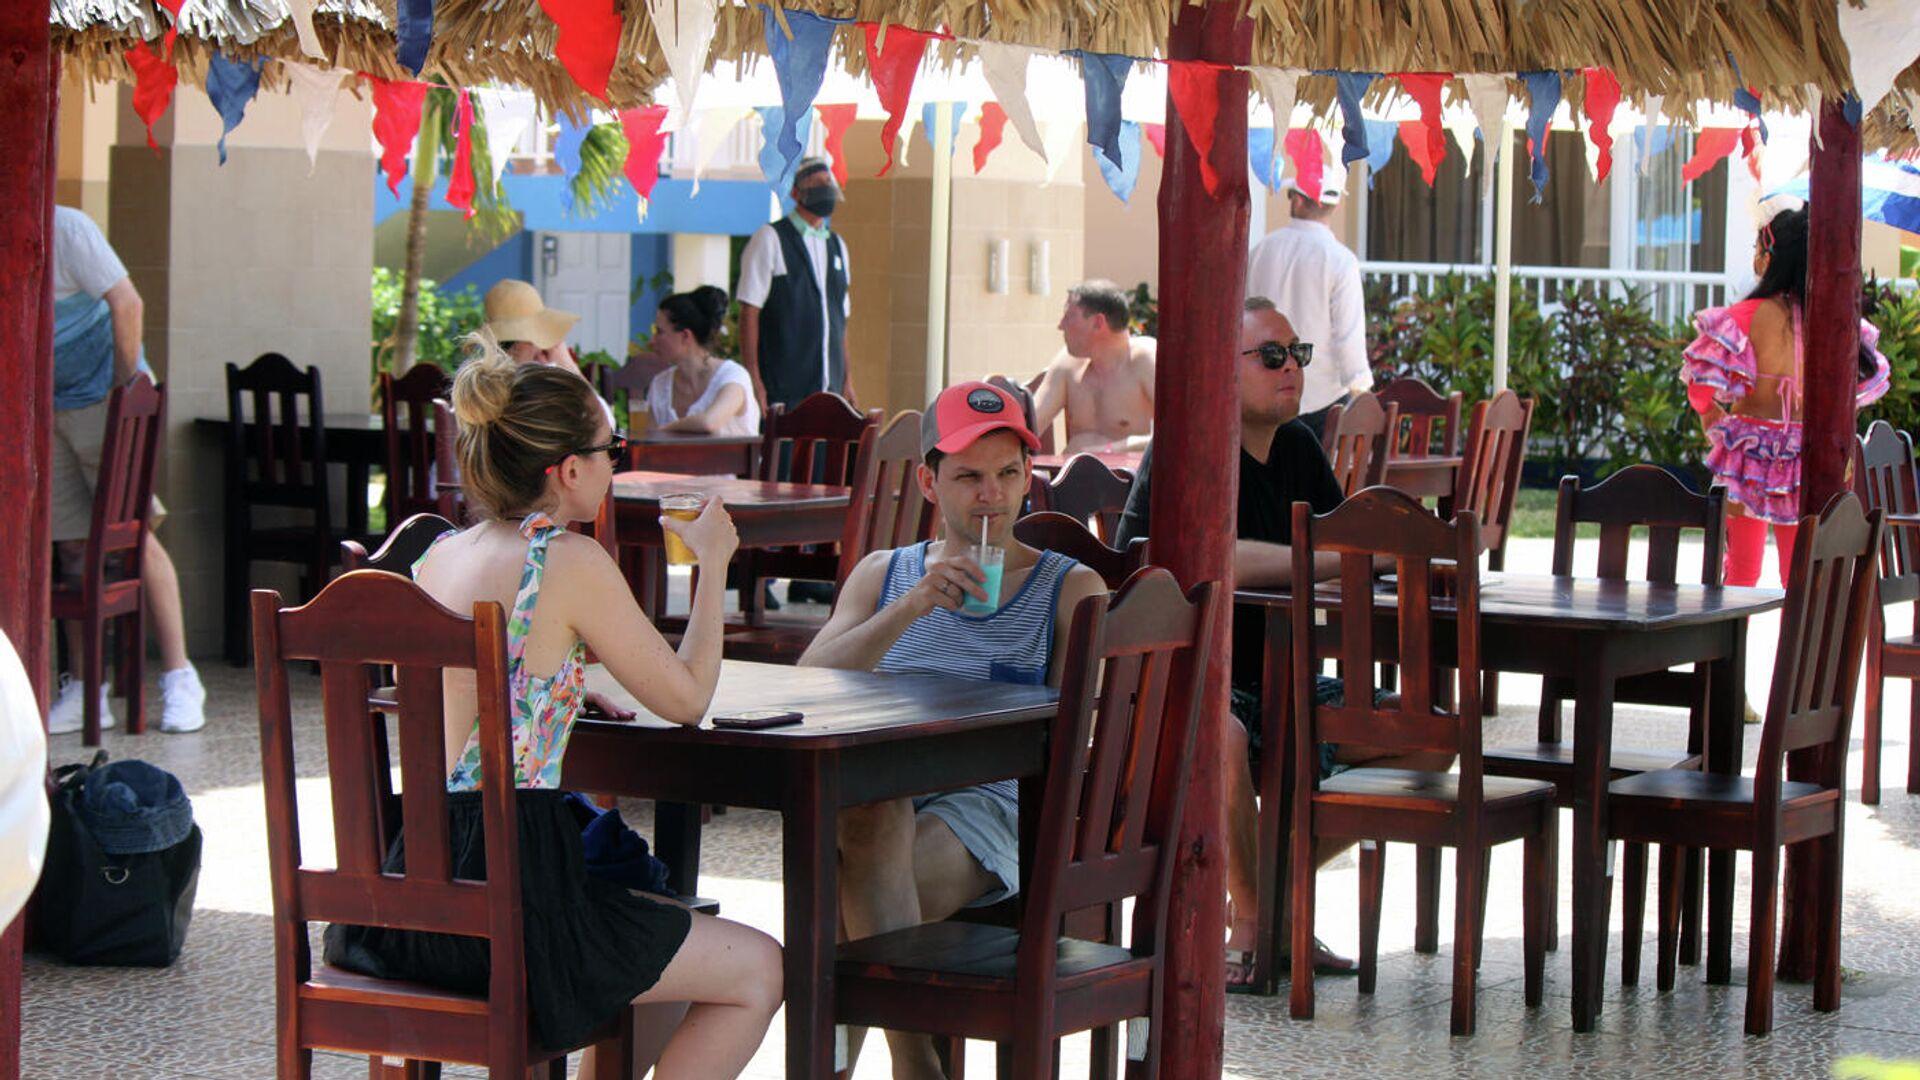 Turistas rusos en Varadero, Cuba - Sputnik Mundo, 1920, 05.07.2021